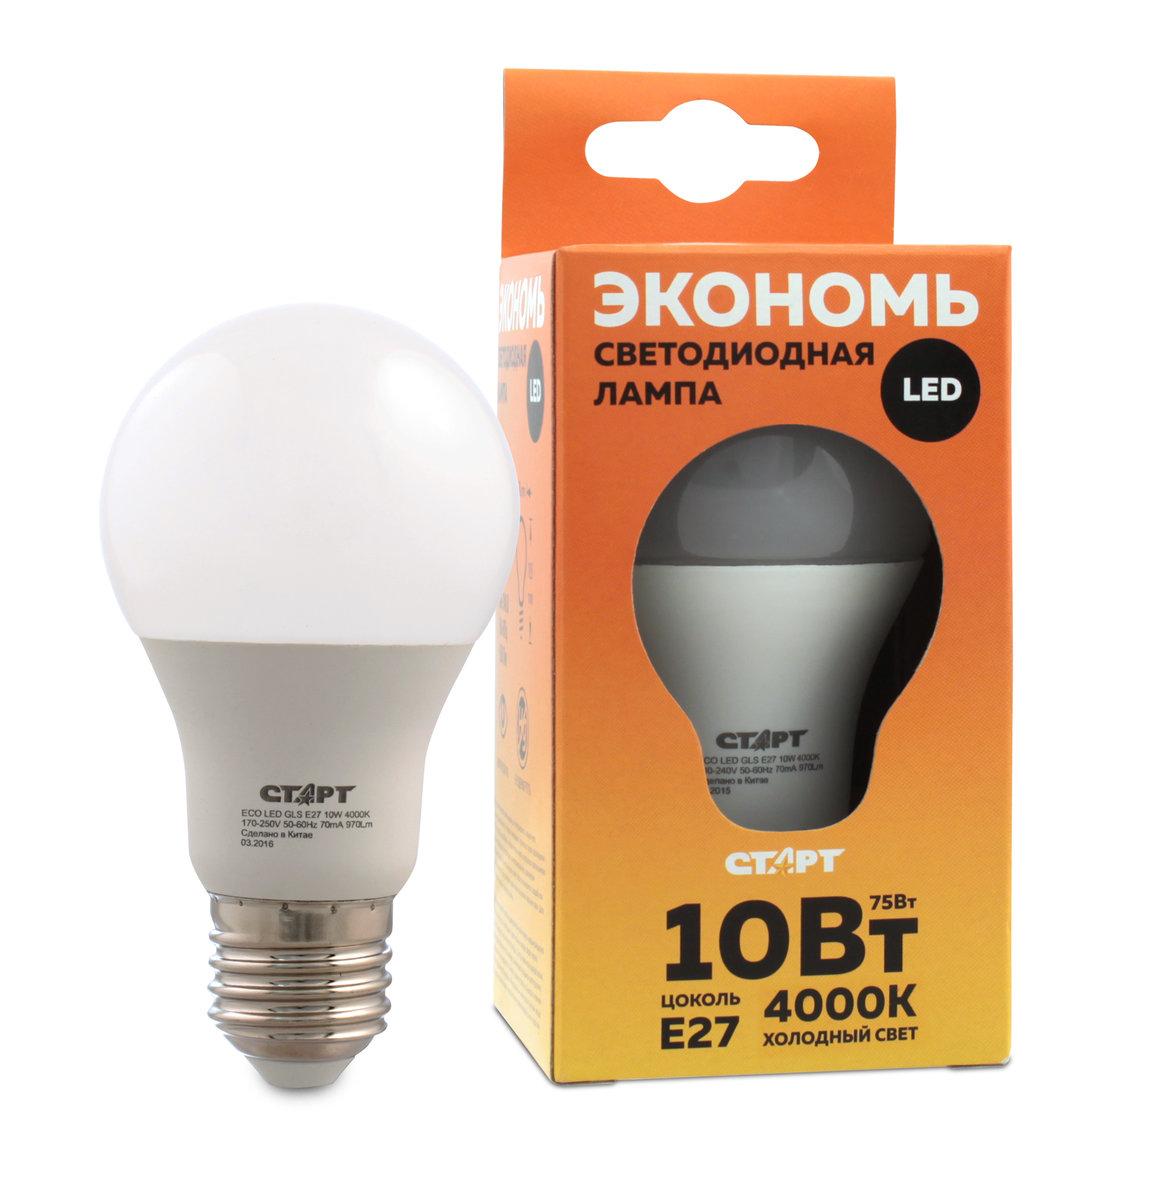 Лампа светодиодная СТАРТ, холодный свет, цоколь E27, 10W10663Светодиодная лампа СТАРТ – это самый энергоэффективный источник света, при этом имеющий рекордный срок службы. Светодиодные лампы – изделия прочные, не боятся падения с высоты человеческого роста, встрясок и вибраций. Лампа не имеет вредных материалов в своем составе, а также в процессе эксплуатации светодиодная лампа не излучает ИК- и УФ-лучи. Мощность, Вт: 10.Световой поток, Лм: 800.Напряжение: 220-240. Цоколь: E27.Угол светового пучка: 240°.Цветовая температура, К: 4000.Срок службы, часов: 15000.